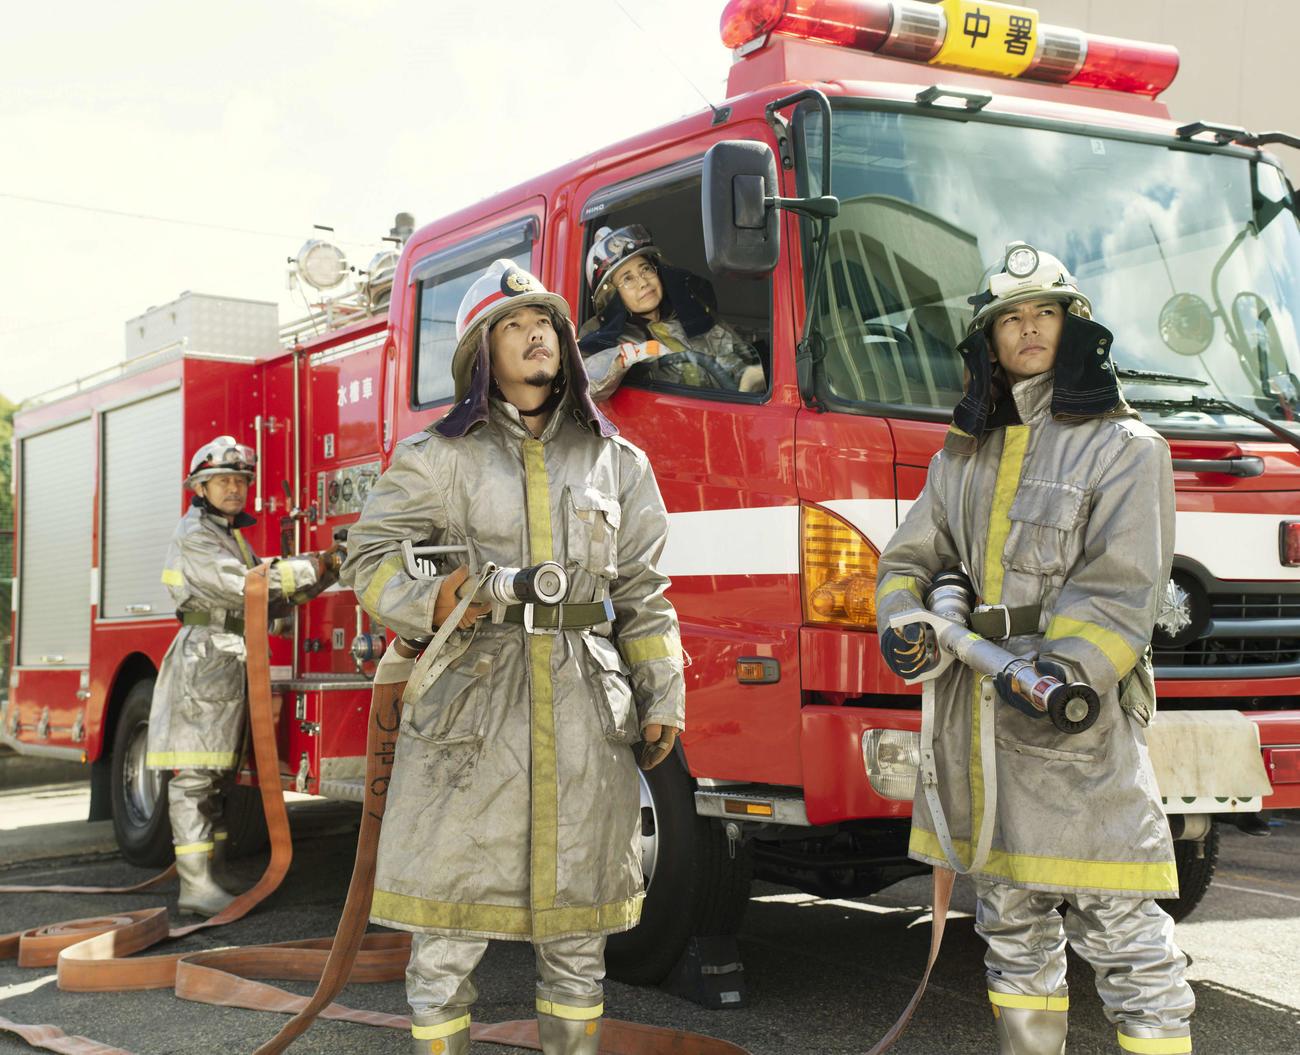 映画「浅田家!」で消防士になりきる浅田家を演じたキャスト。左から平田満、二宮和也、風吹ジュン、妻夫木聡